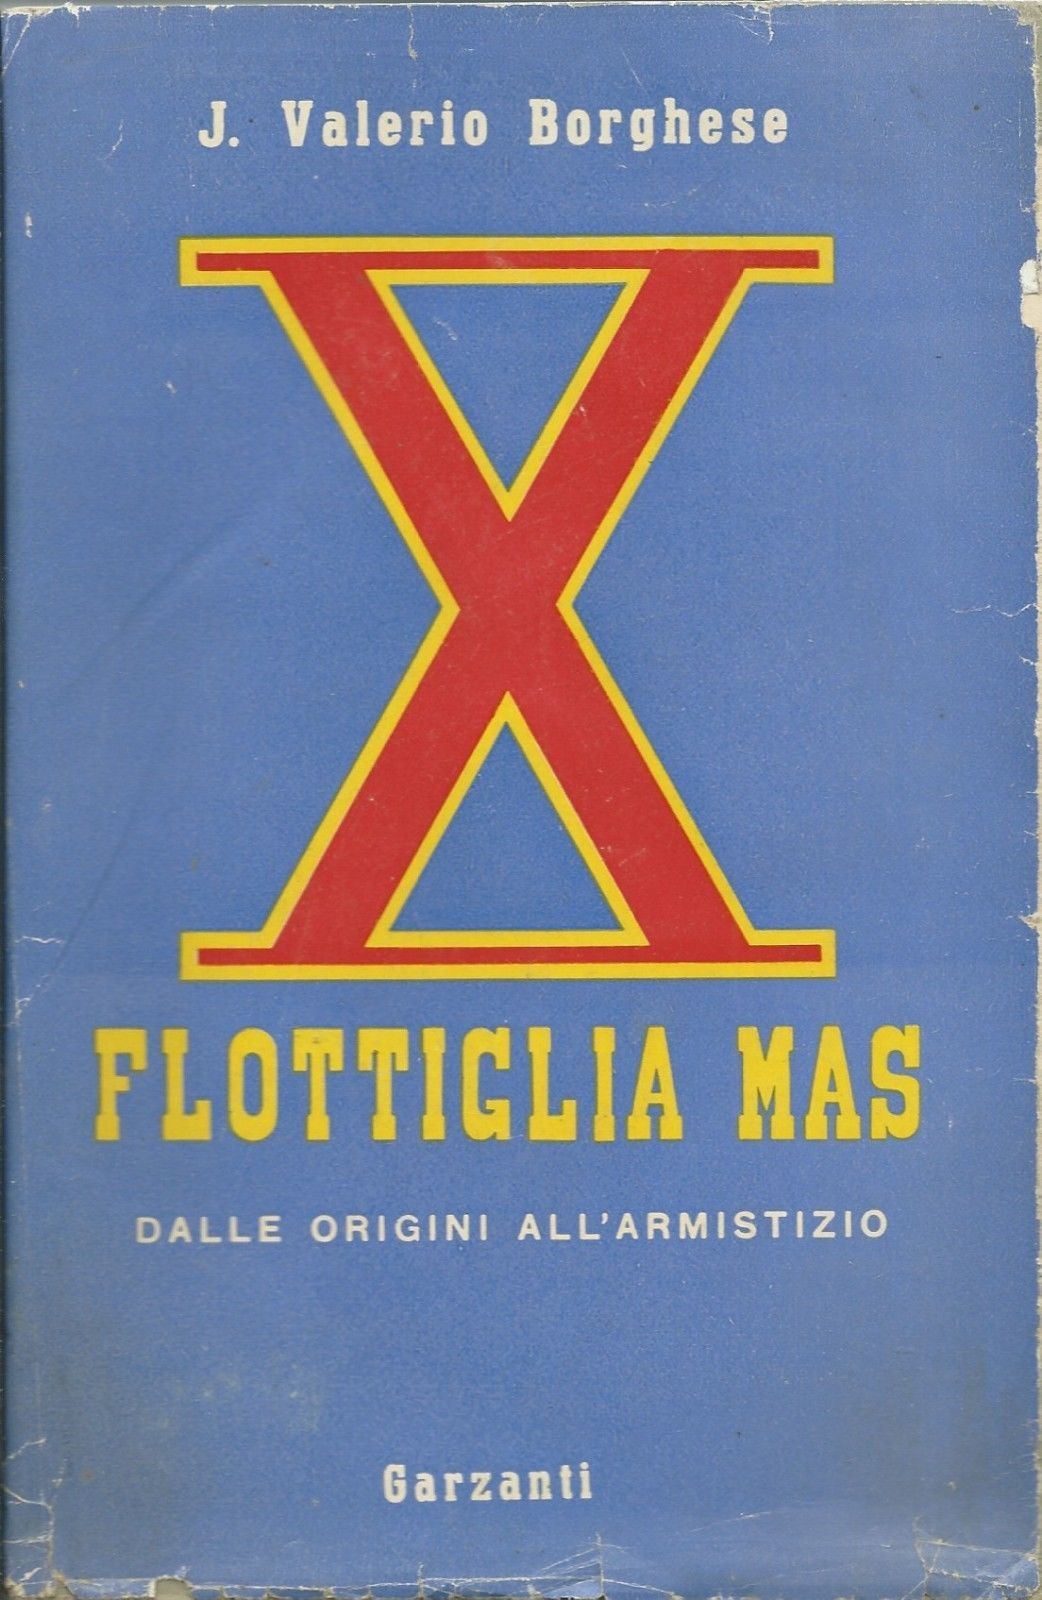 """…su eBay c'è """"X Flottiglia Mas"""" di Junio Valerio Borghese. Un'edizione costosa. Perché?"""